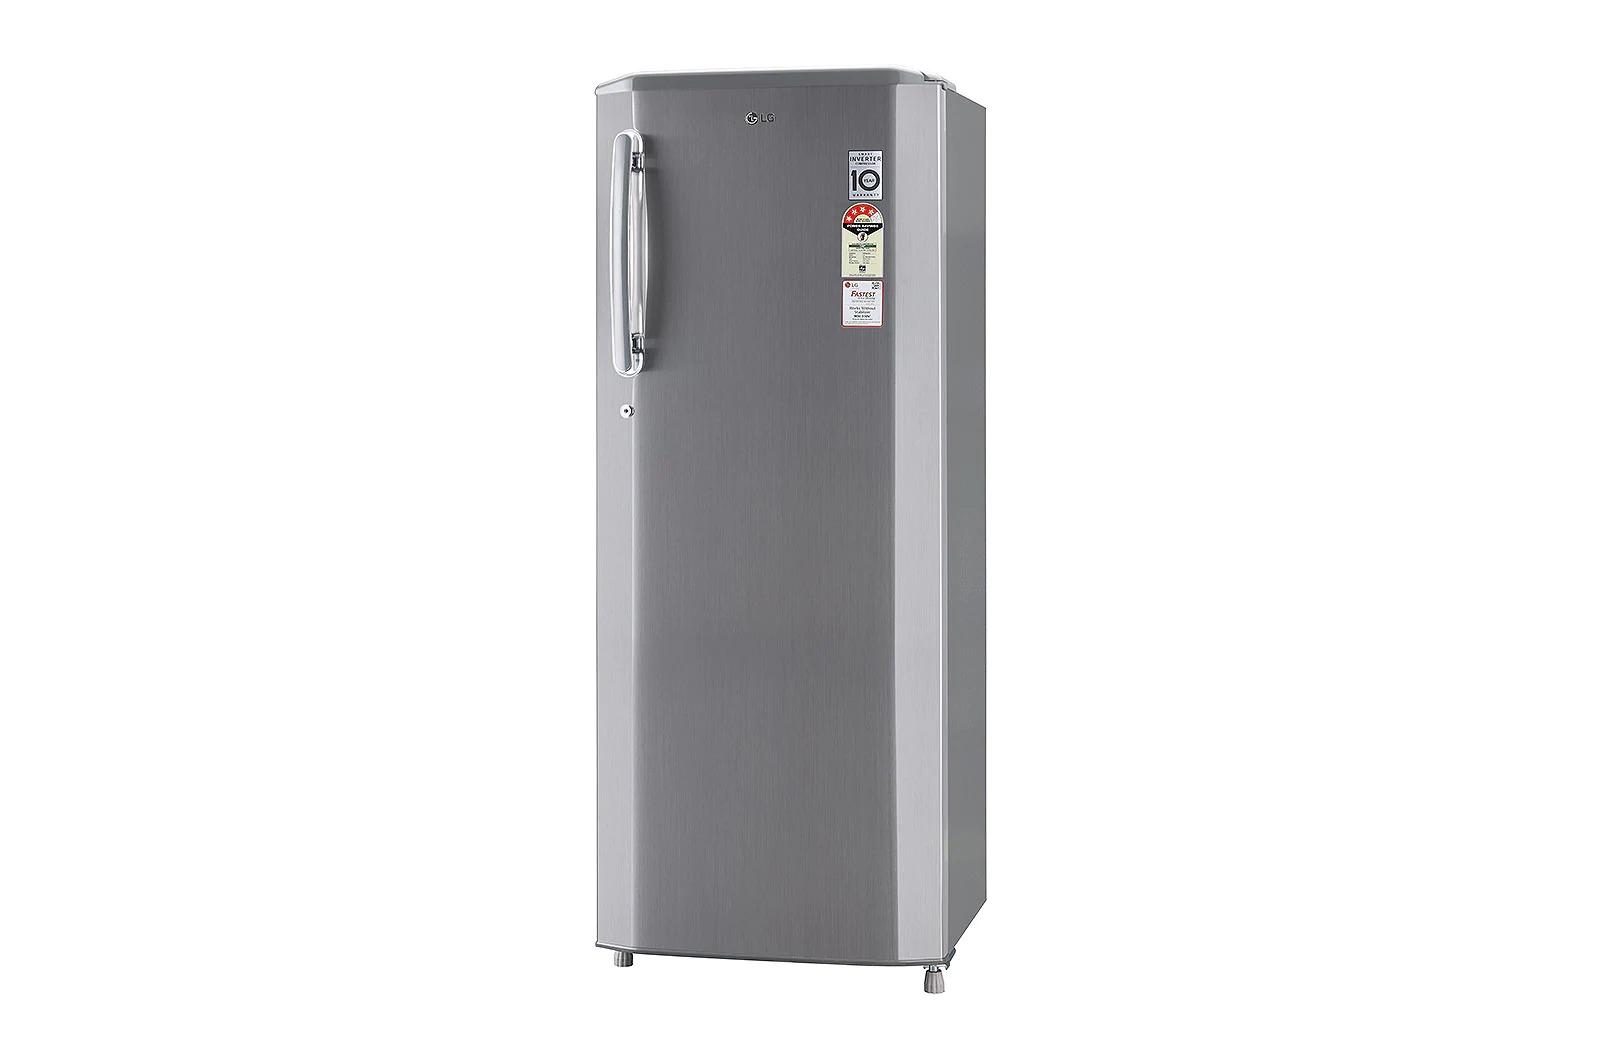 LG (GL-B281BPZY) 270 L, Smart Inverter Compressor